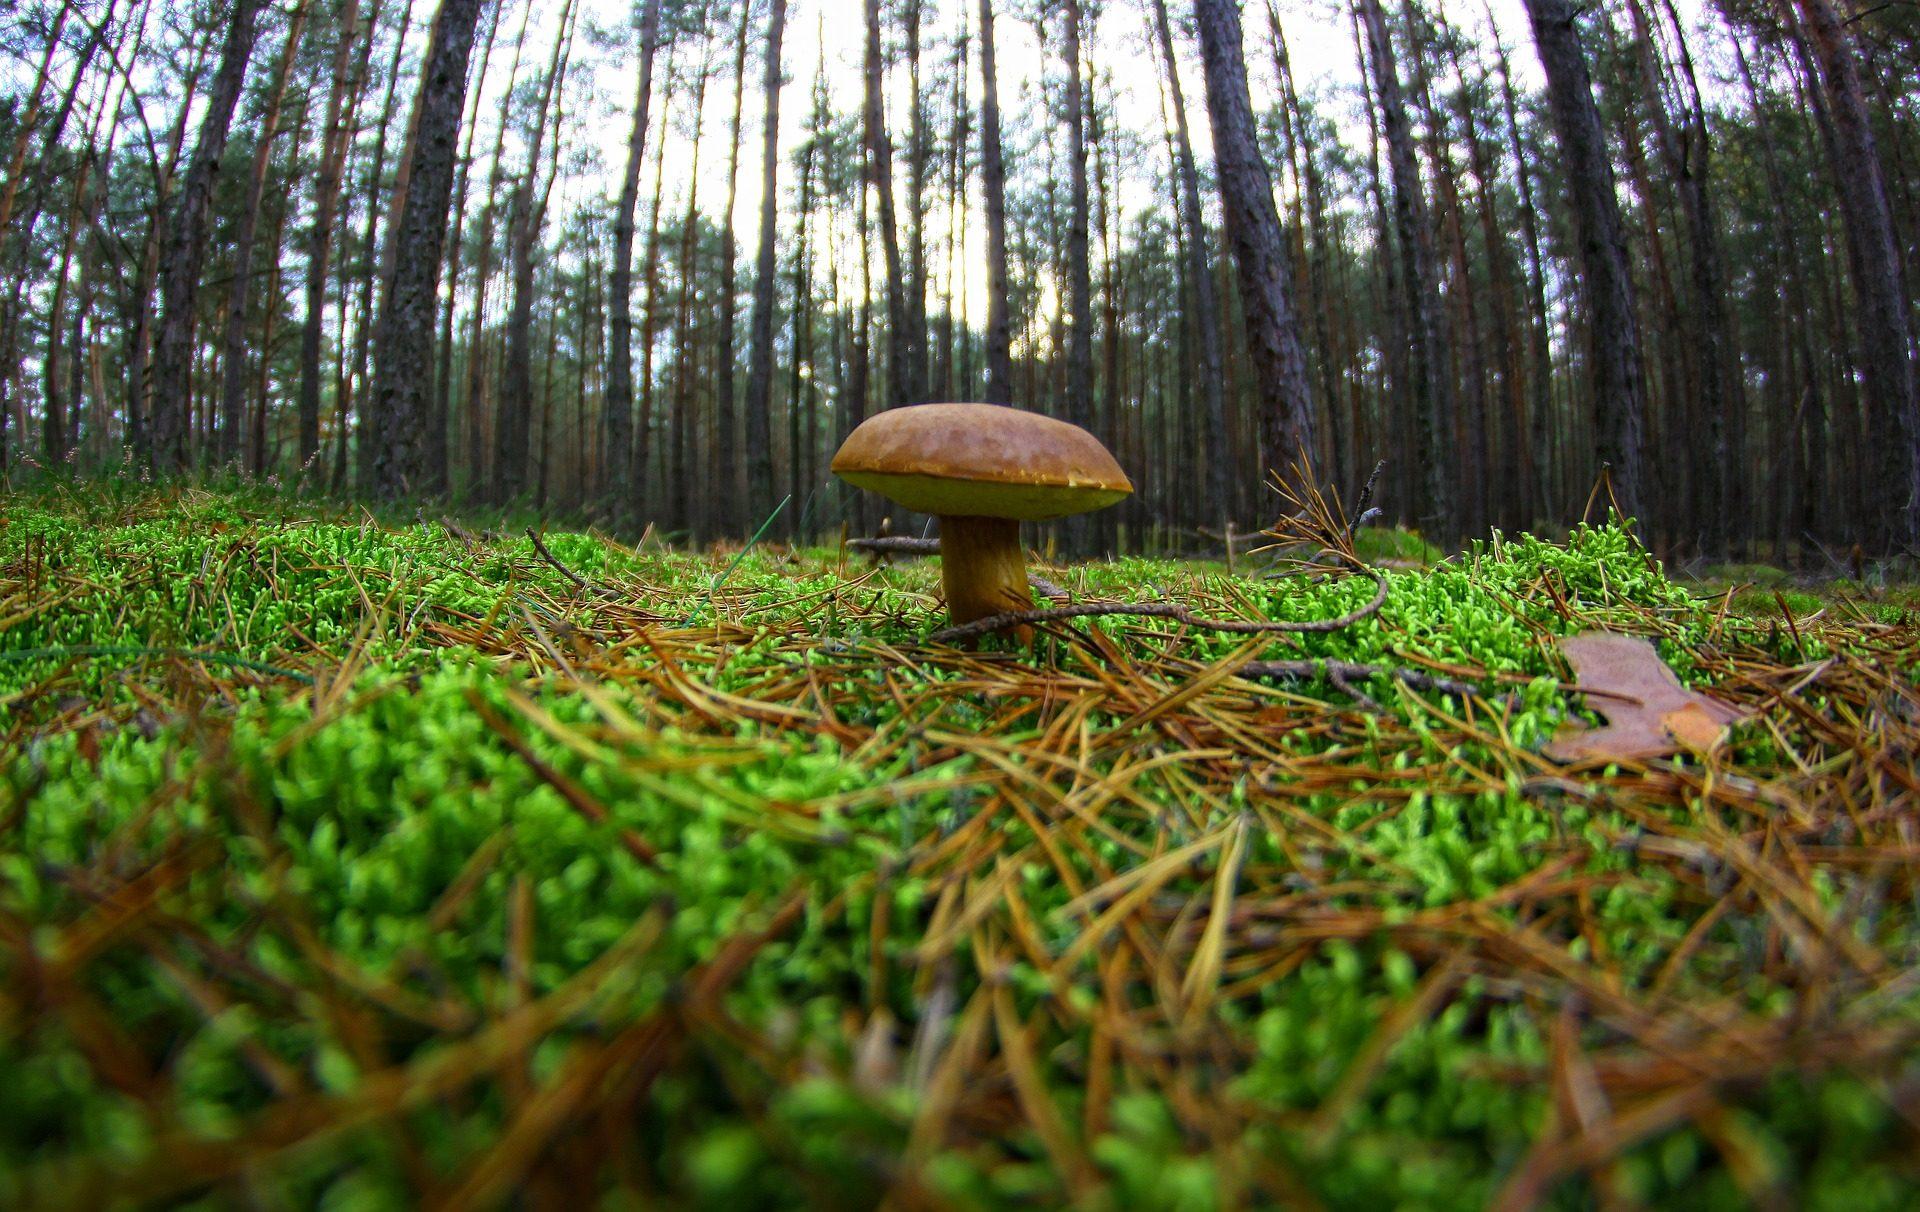 सेठ, मशरूम, वन, पेड़, नमी, घास - HD वॉलपेपर - प्रोफेसर-falken.com